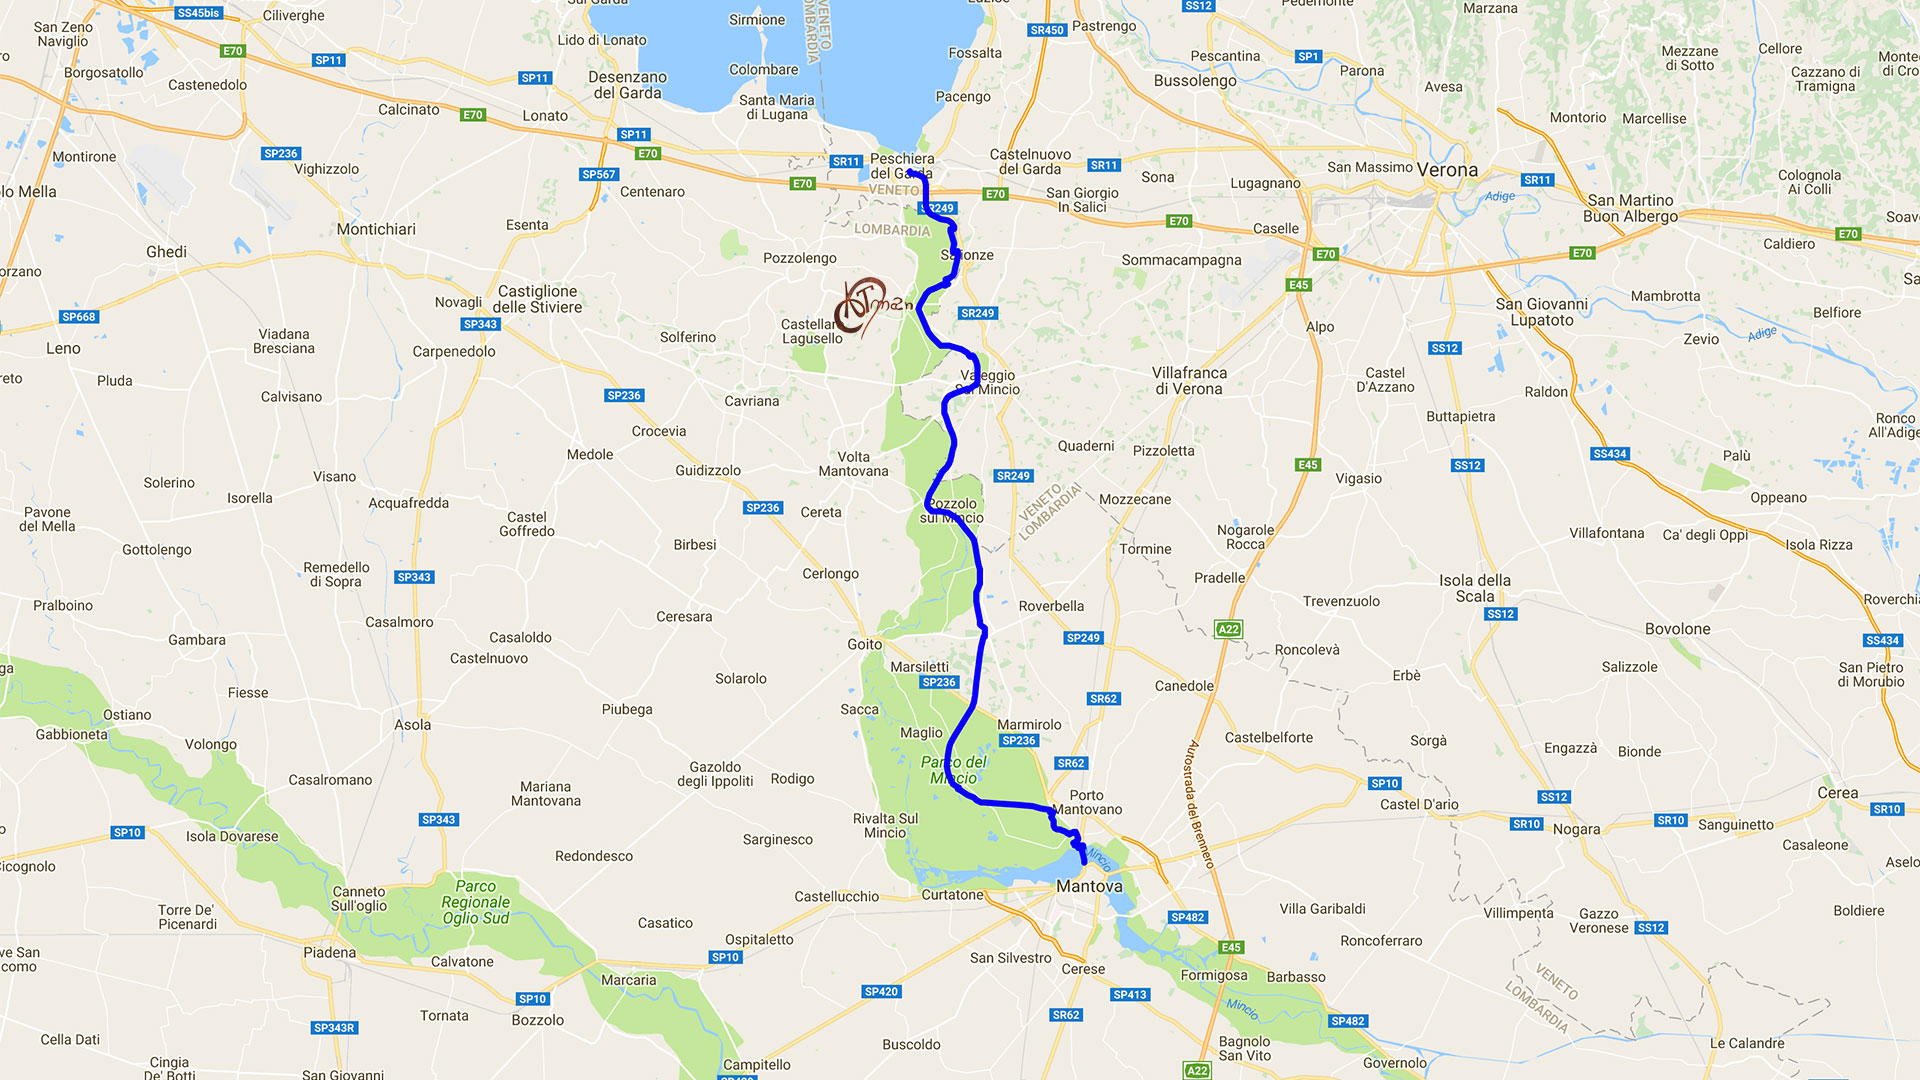 Percorso ciclovia Peschiera Mantova